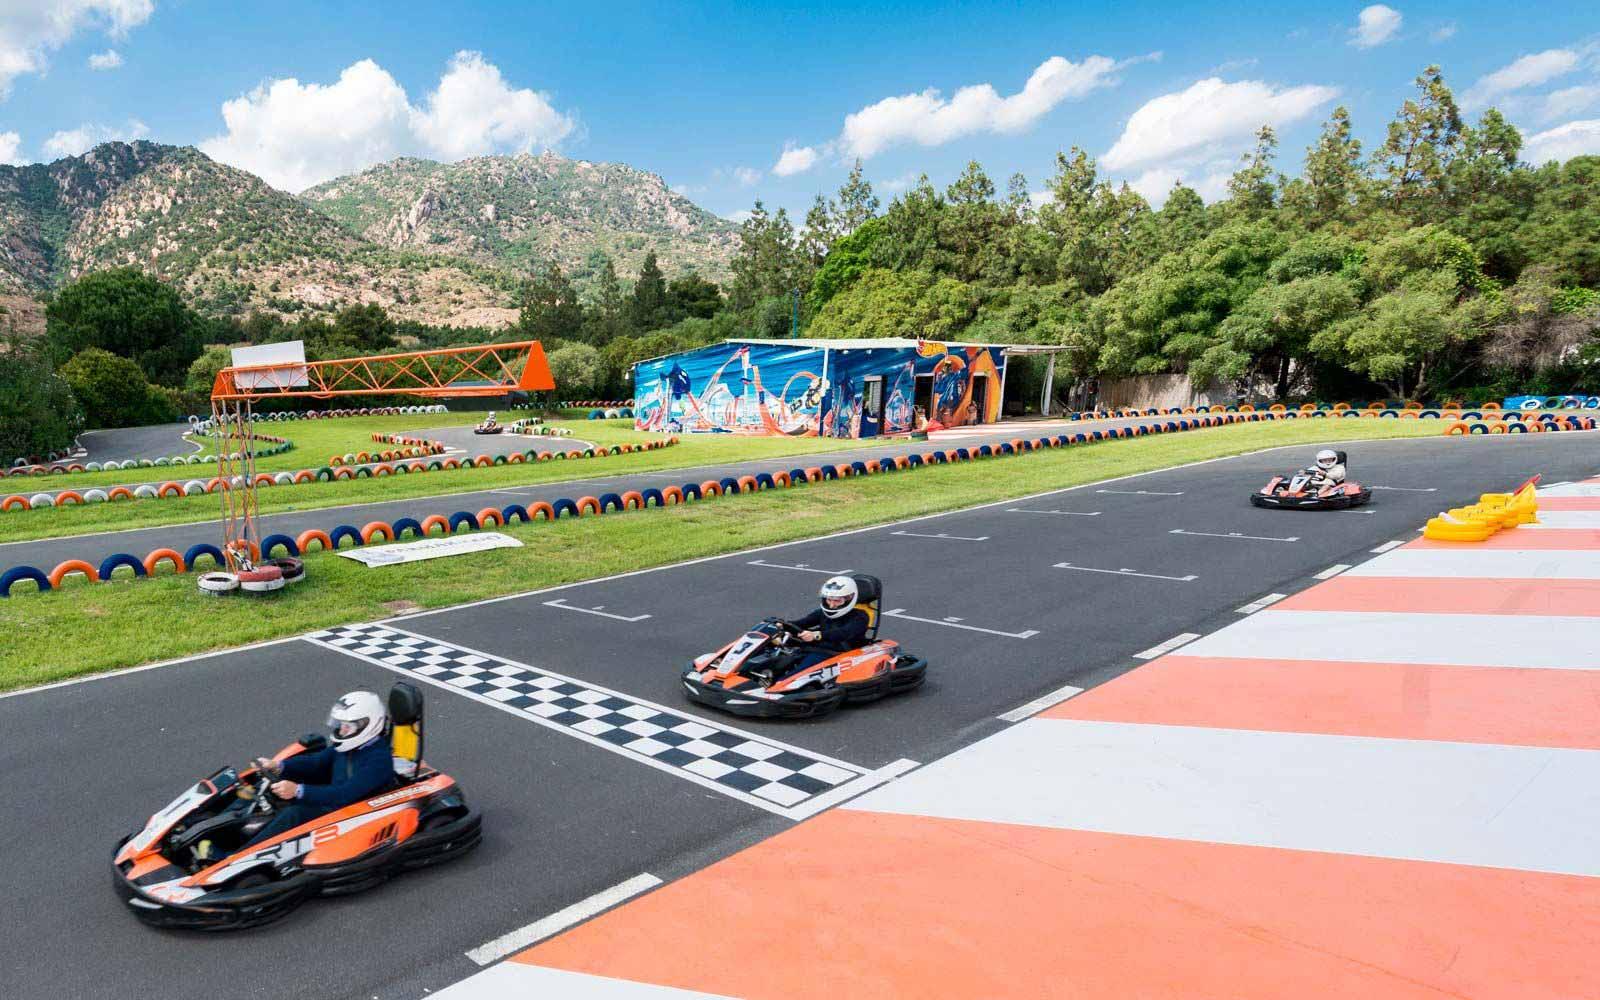 Go-kart at the Forte Village Resort